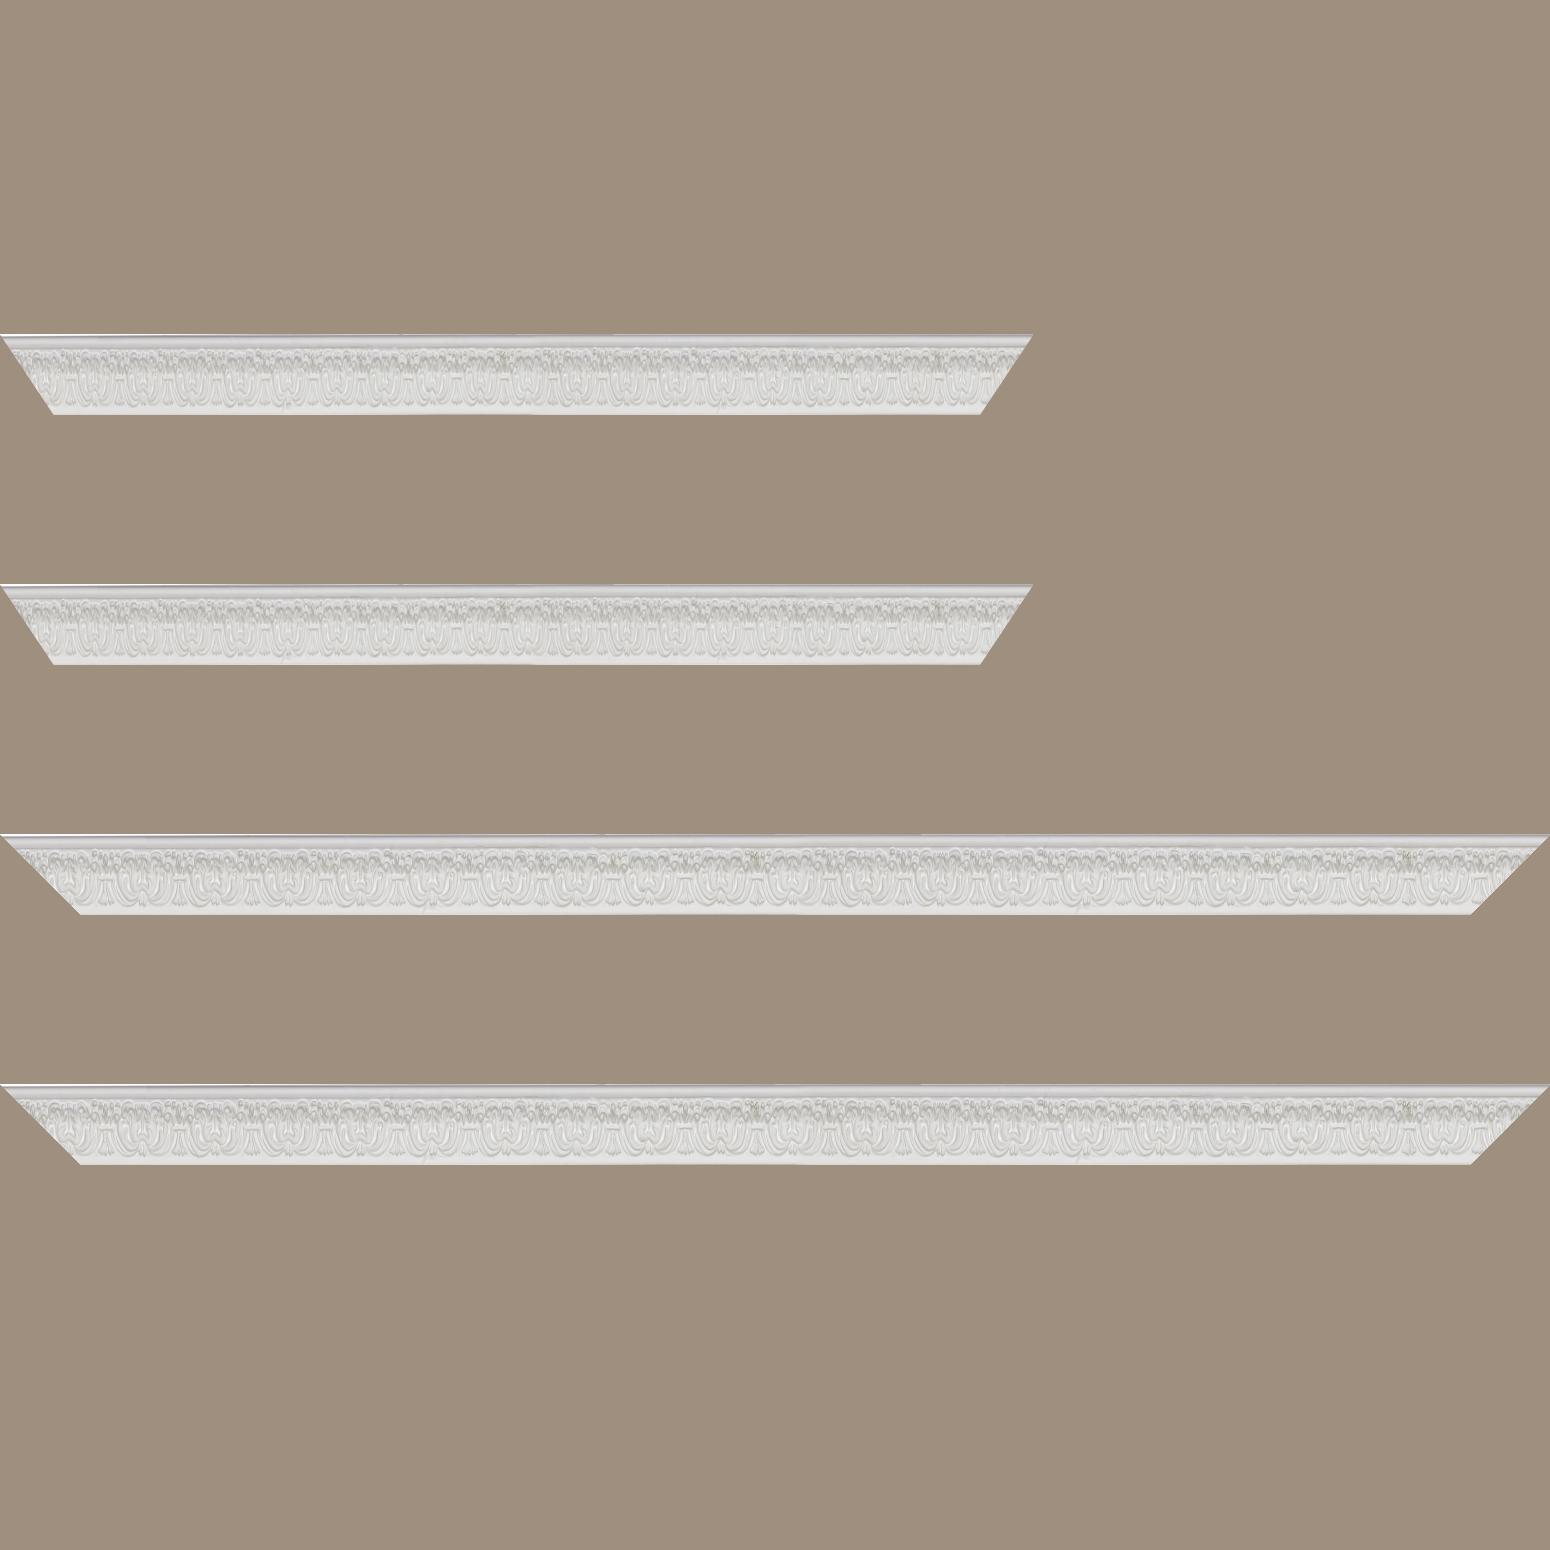 Baguette service précoupé Bois profil incurvé largeur 2.6cm couleur blanc en relief sur fond blanc